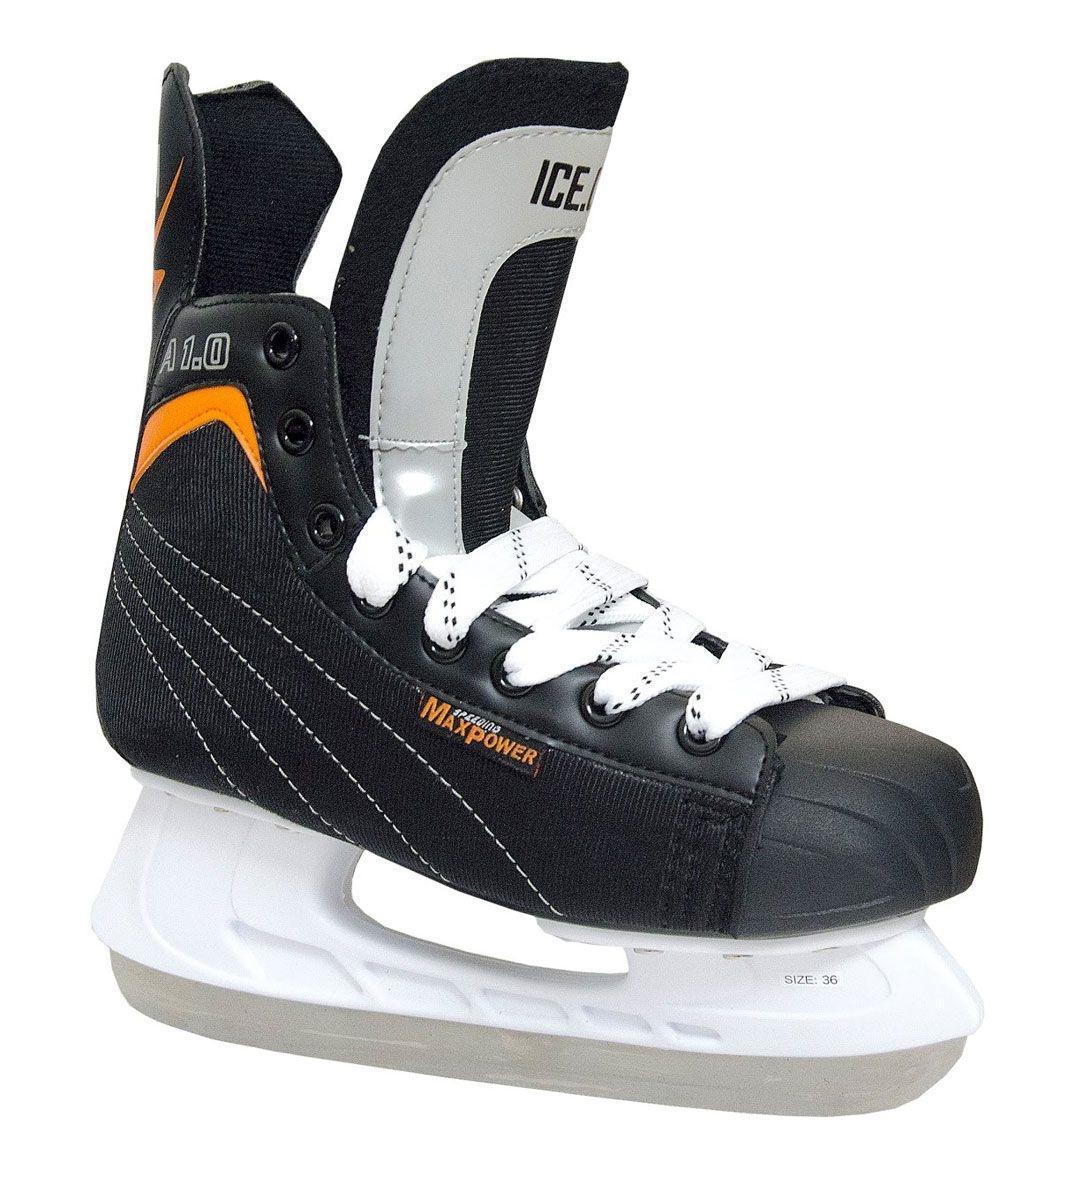 Ice.Com A 1.0 2014Ice.Com A 1.0 2014 Black-OrangeКоньки A 1.0 предназначены для игры в хоккей. Верх ботинка выполнен из морозостойкой искусственной кожи и нейлона. Мысок - морозостойкий ударопрочный PU, подошва - морозостойкий ПВХ. Толстый войлочный язык. Удобный высокий ботинок с широкой анатомической колодкой позволяет надежно фиксировать голеностоп. Для того, чтобы Вам максимально точно подобрать размер коньков, узнайте длину стопы с точностью до миллиметра. Для этого поставьте босую ногу на лист бумаги А4 и отметьте на бумаге самые крайние точки Вашей стопы (пятка и носок). Затем измерьте обычной линейкой расстояние (до миллиметра) между этими отметками на бумаге. Не забудьте учесть 2-3 мм запаса под носок.